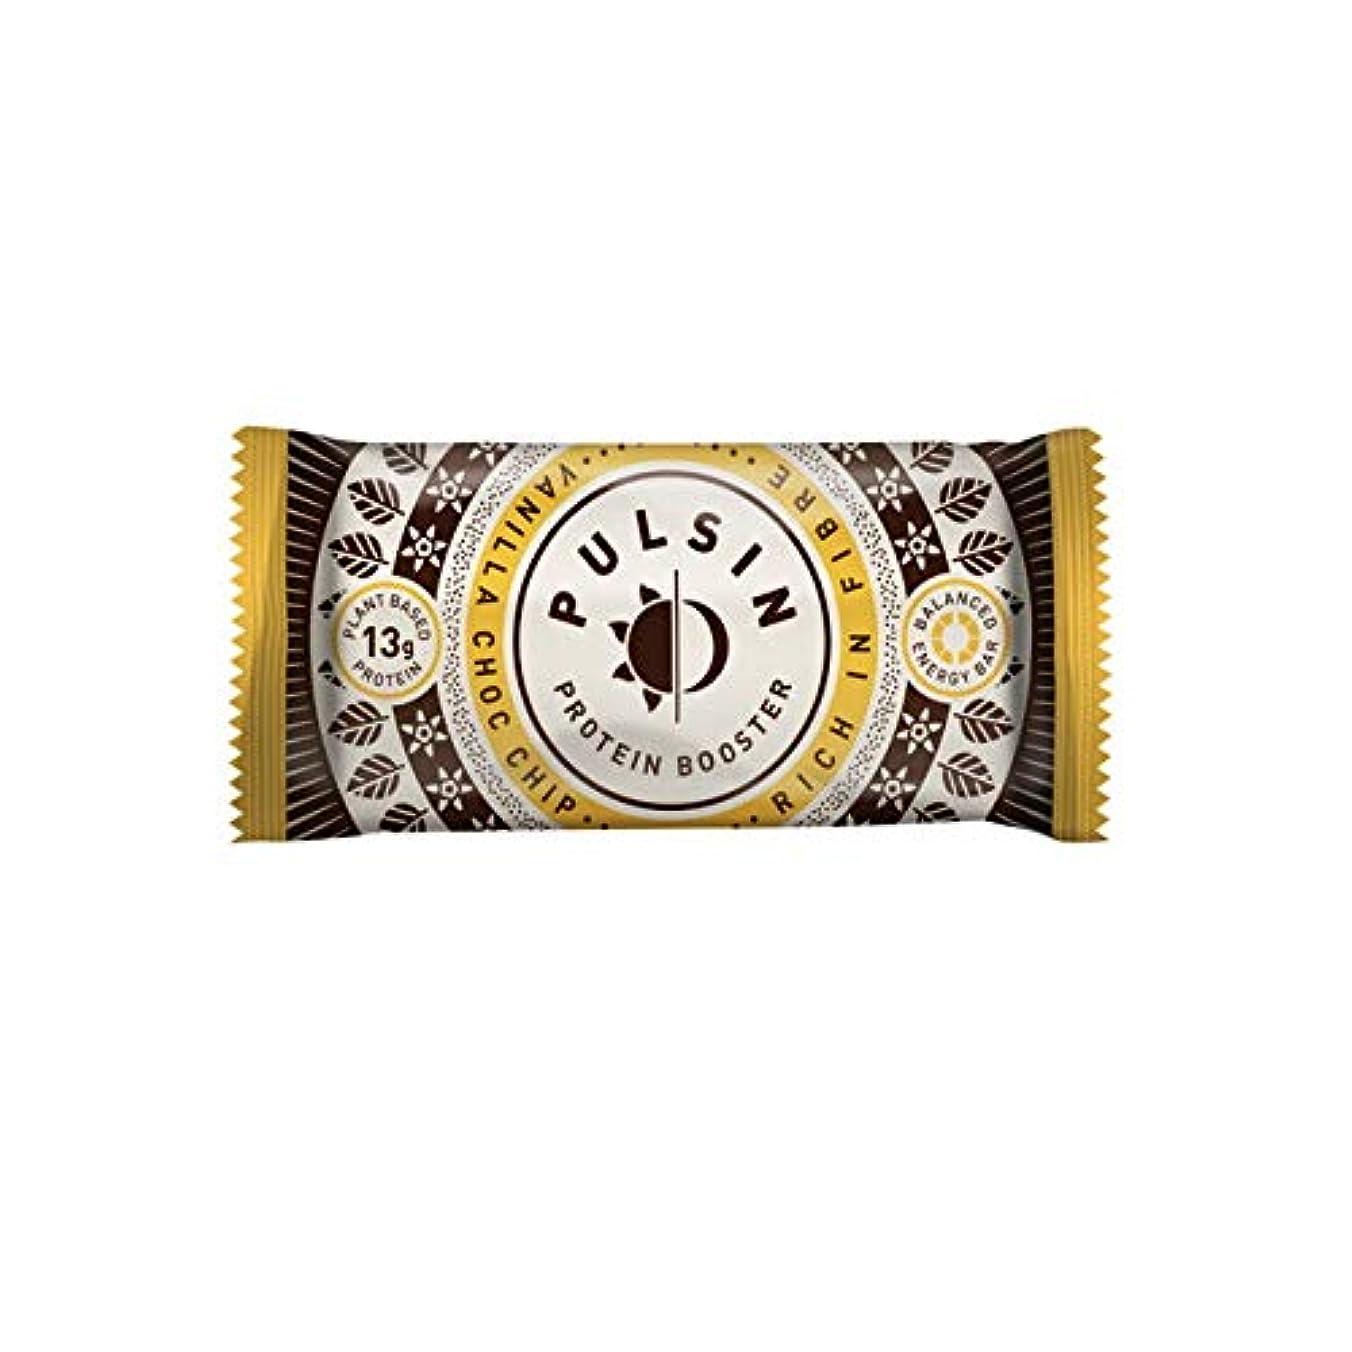 アイロニートマト起きてバニラ チョコチップ プロテイン スナック 50g【18個セット】